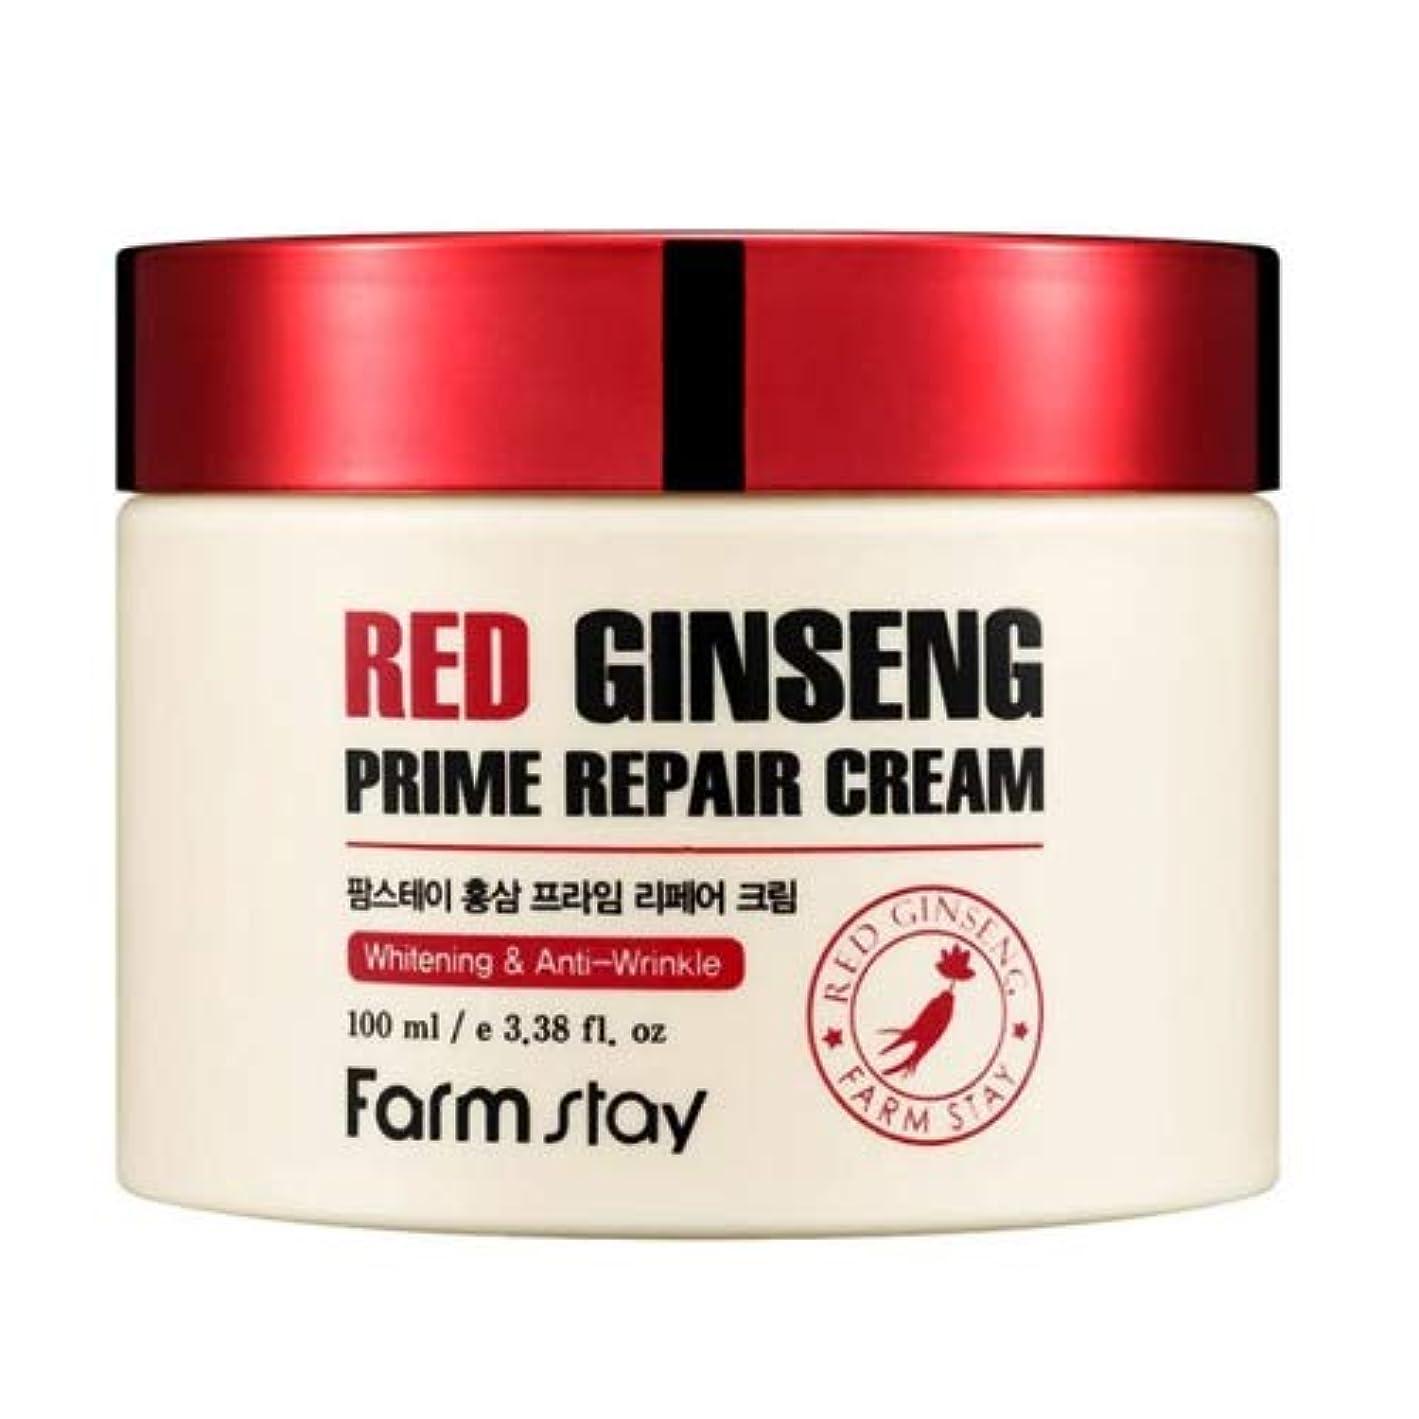 宗教廃棄フライトFarm stay Red Ginseng Prime Repair Cream 紅参プライムリペアクリーム100ml[並行輸入品]